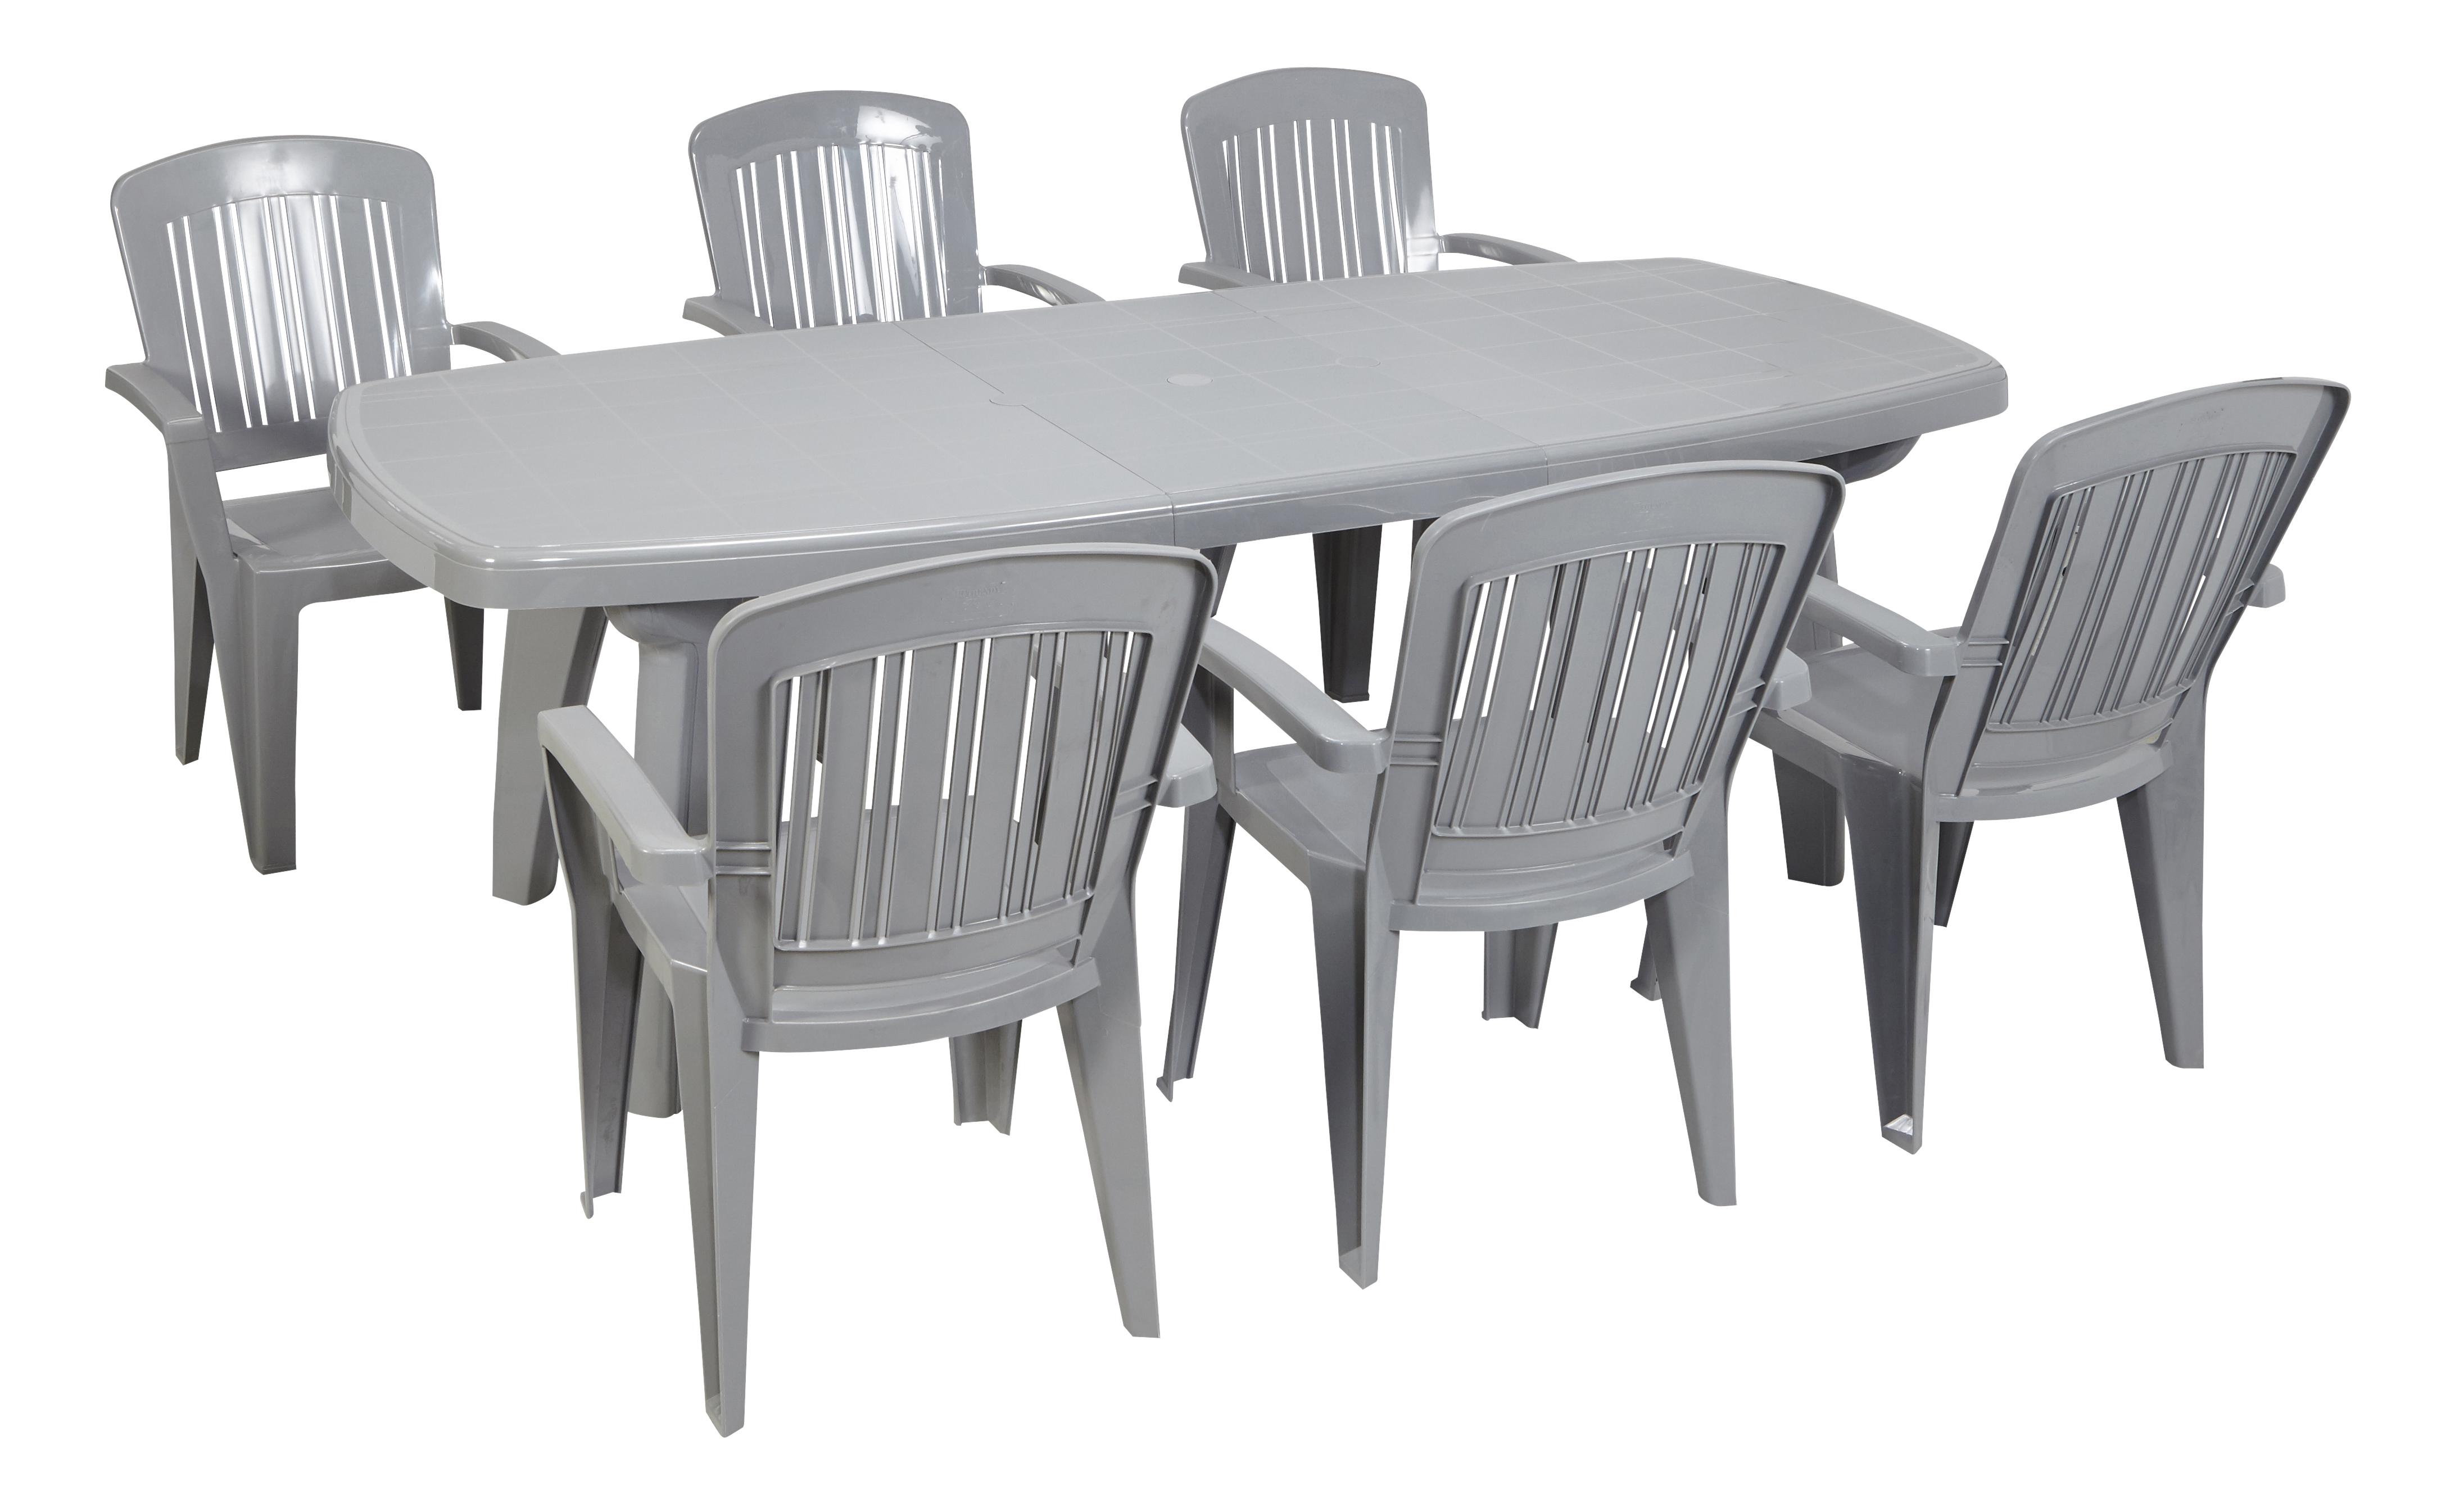 CARREFOUR - CAPRI - Table rectangulaire extensible - Gris - pas cher ...